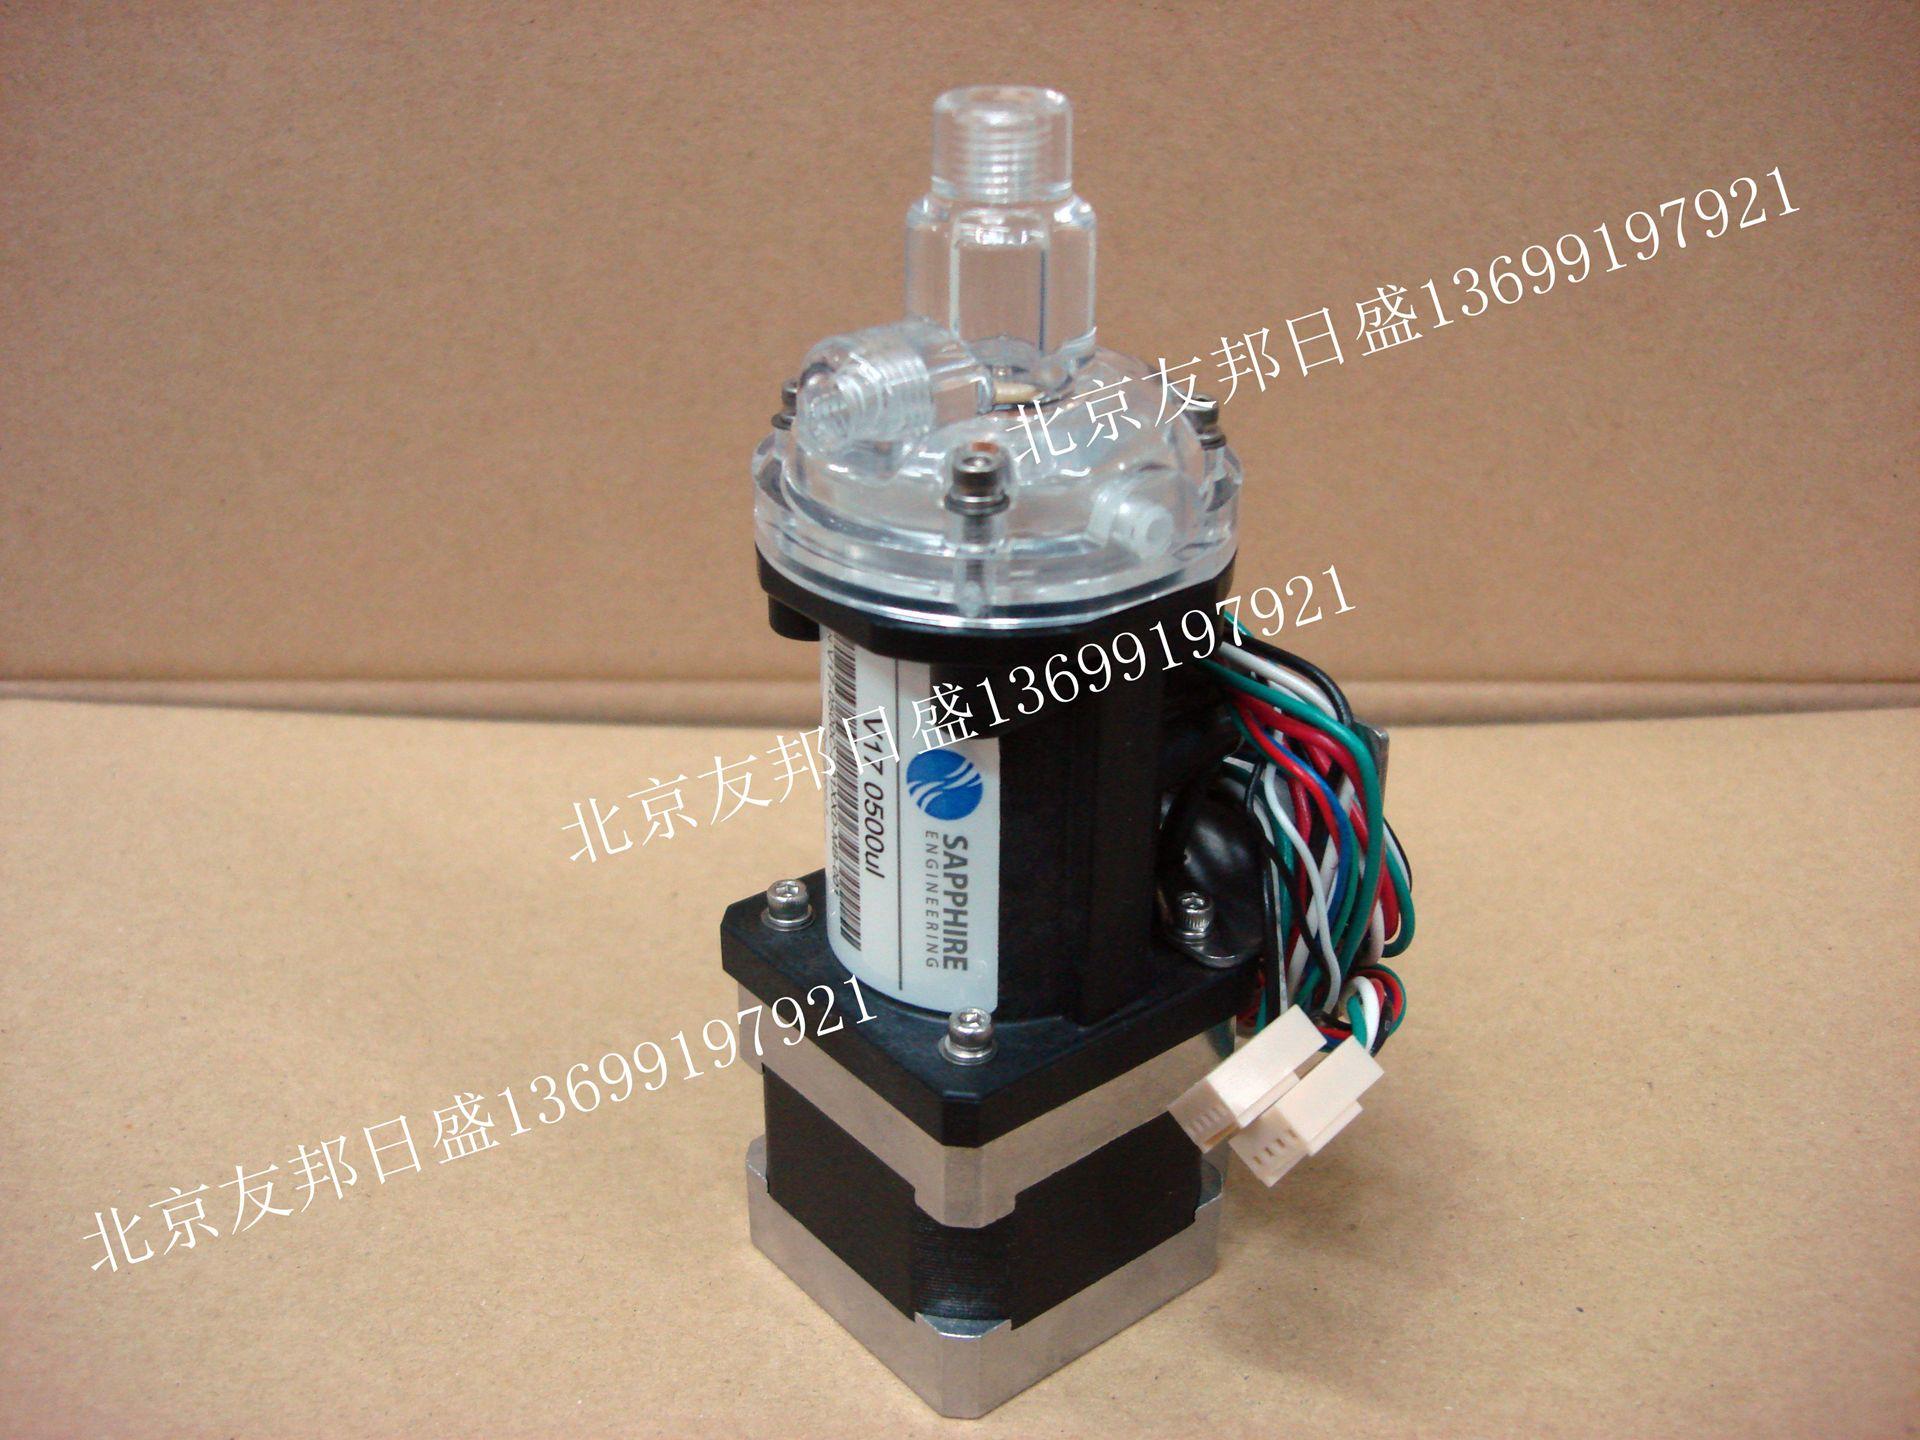 FÜR Unilite 8021A Biochemischen Instrument Injektor Montage SAPPHIRE V17 0500ul